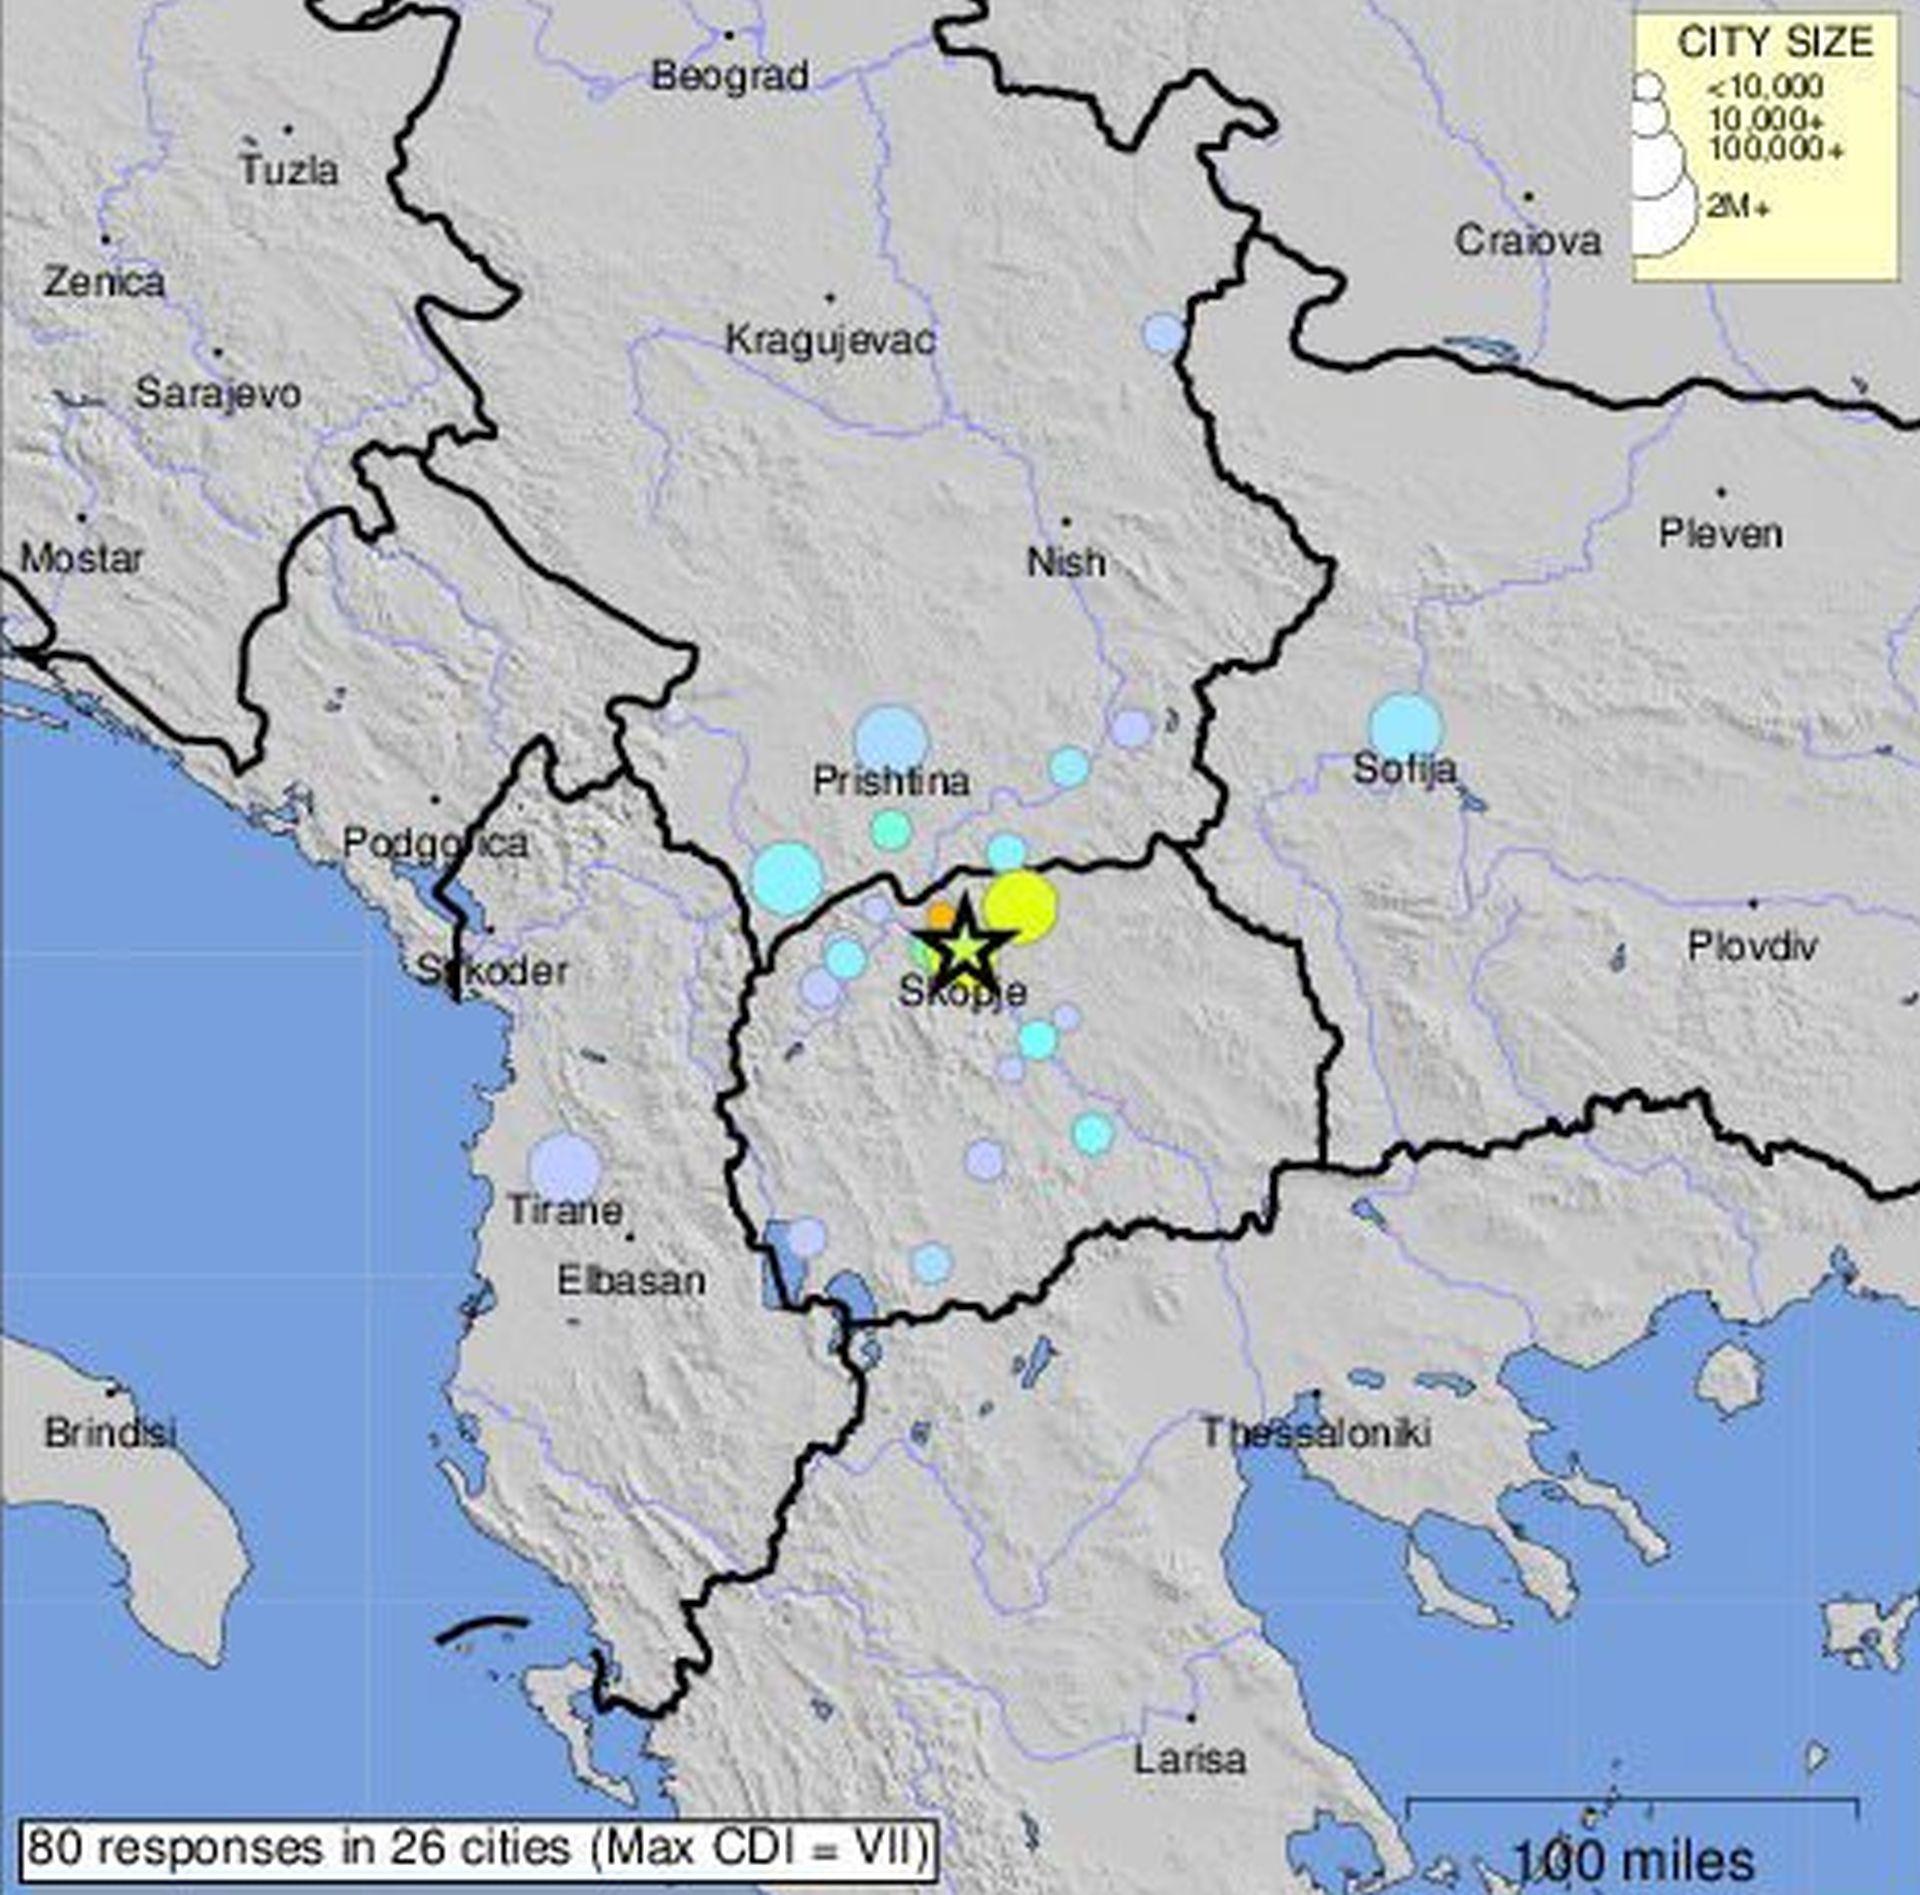 Potres pogodio okolicu Skoplja, nema izvješća o ozlijeđenim ili štetama